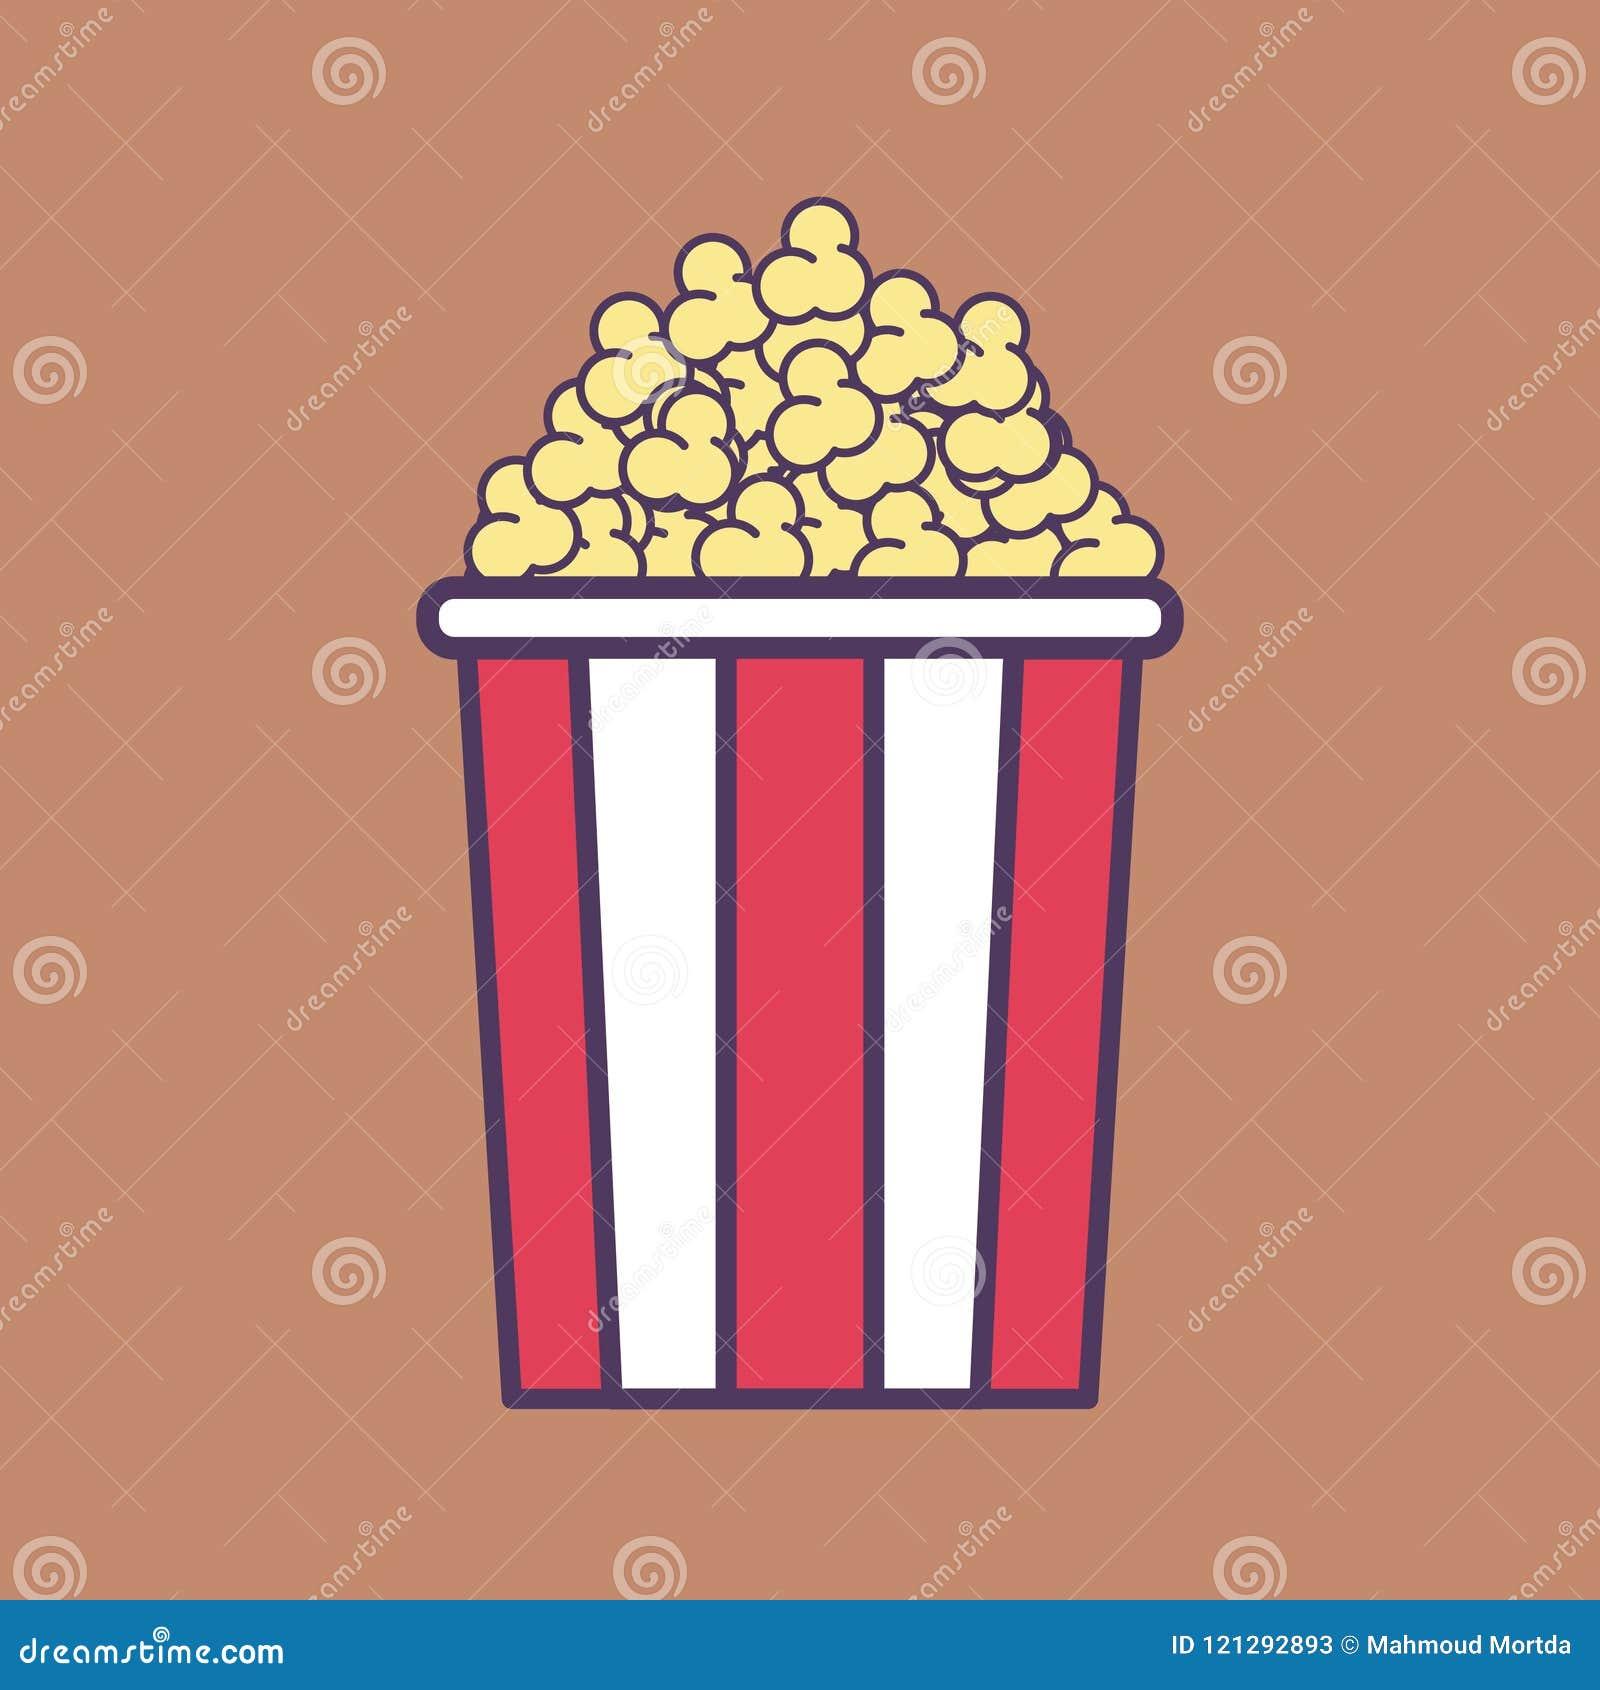 Ένας υψηλός - ποιοτική επίπεδη διανυσματική απεικόνιση ενός Popcorn κάδου